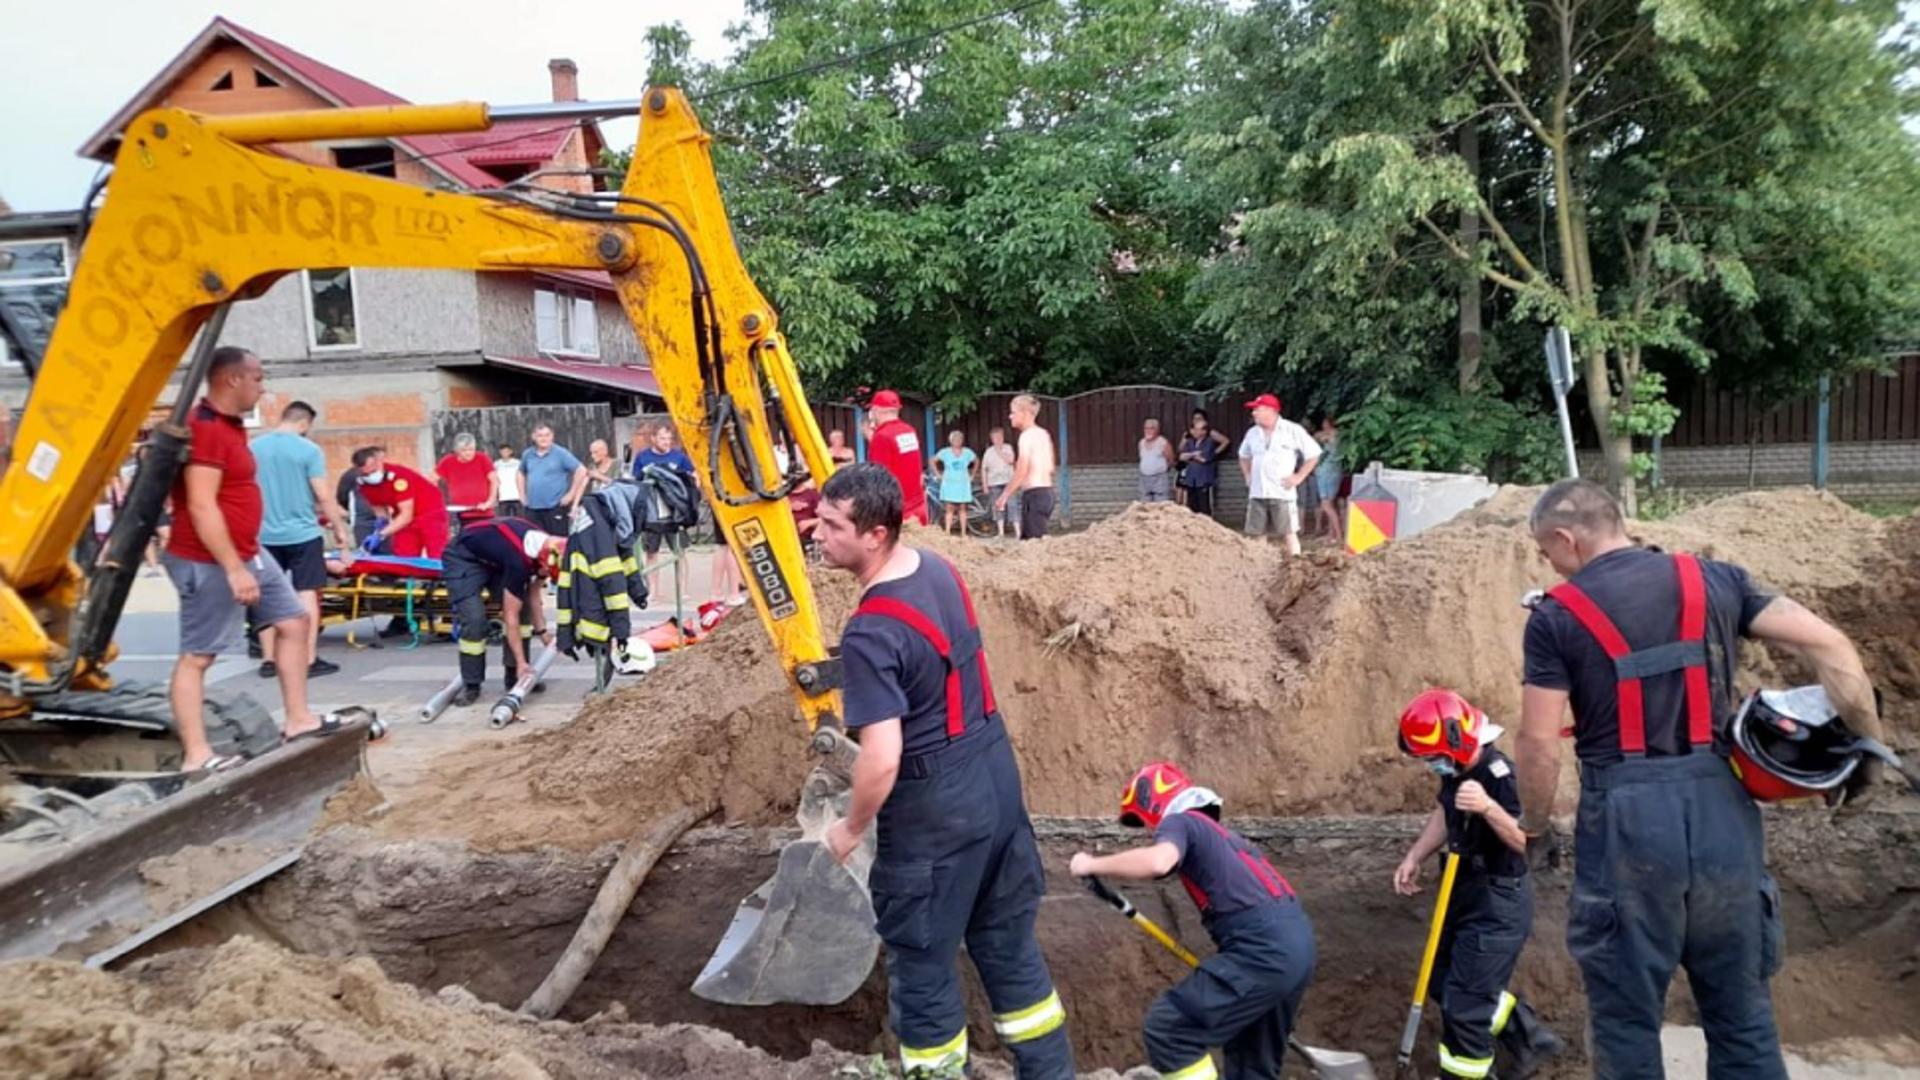 Operațiune contracronometru pentru salvarea celor 2 muncitori (sursă: pressalert.ro)